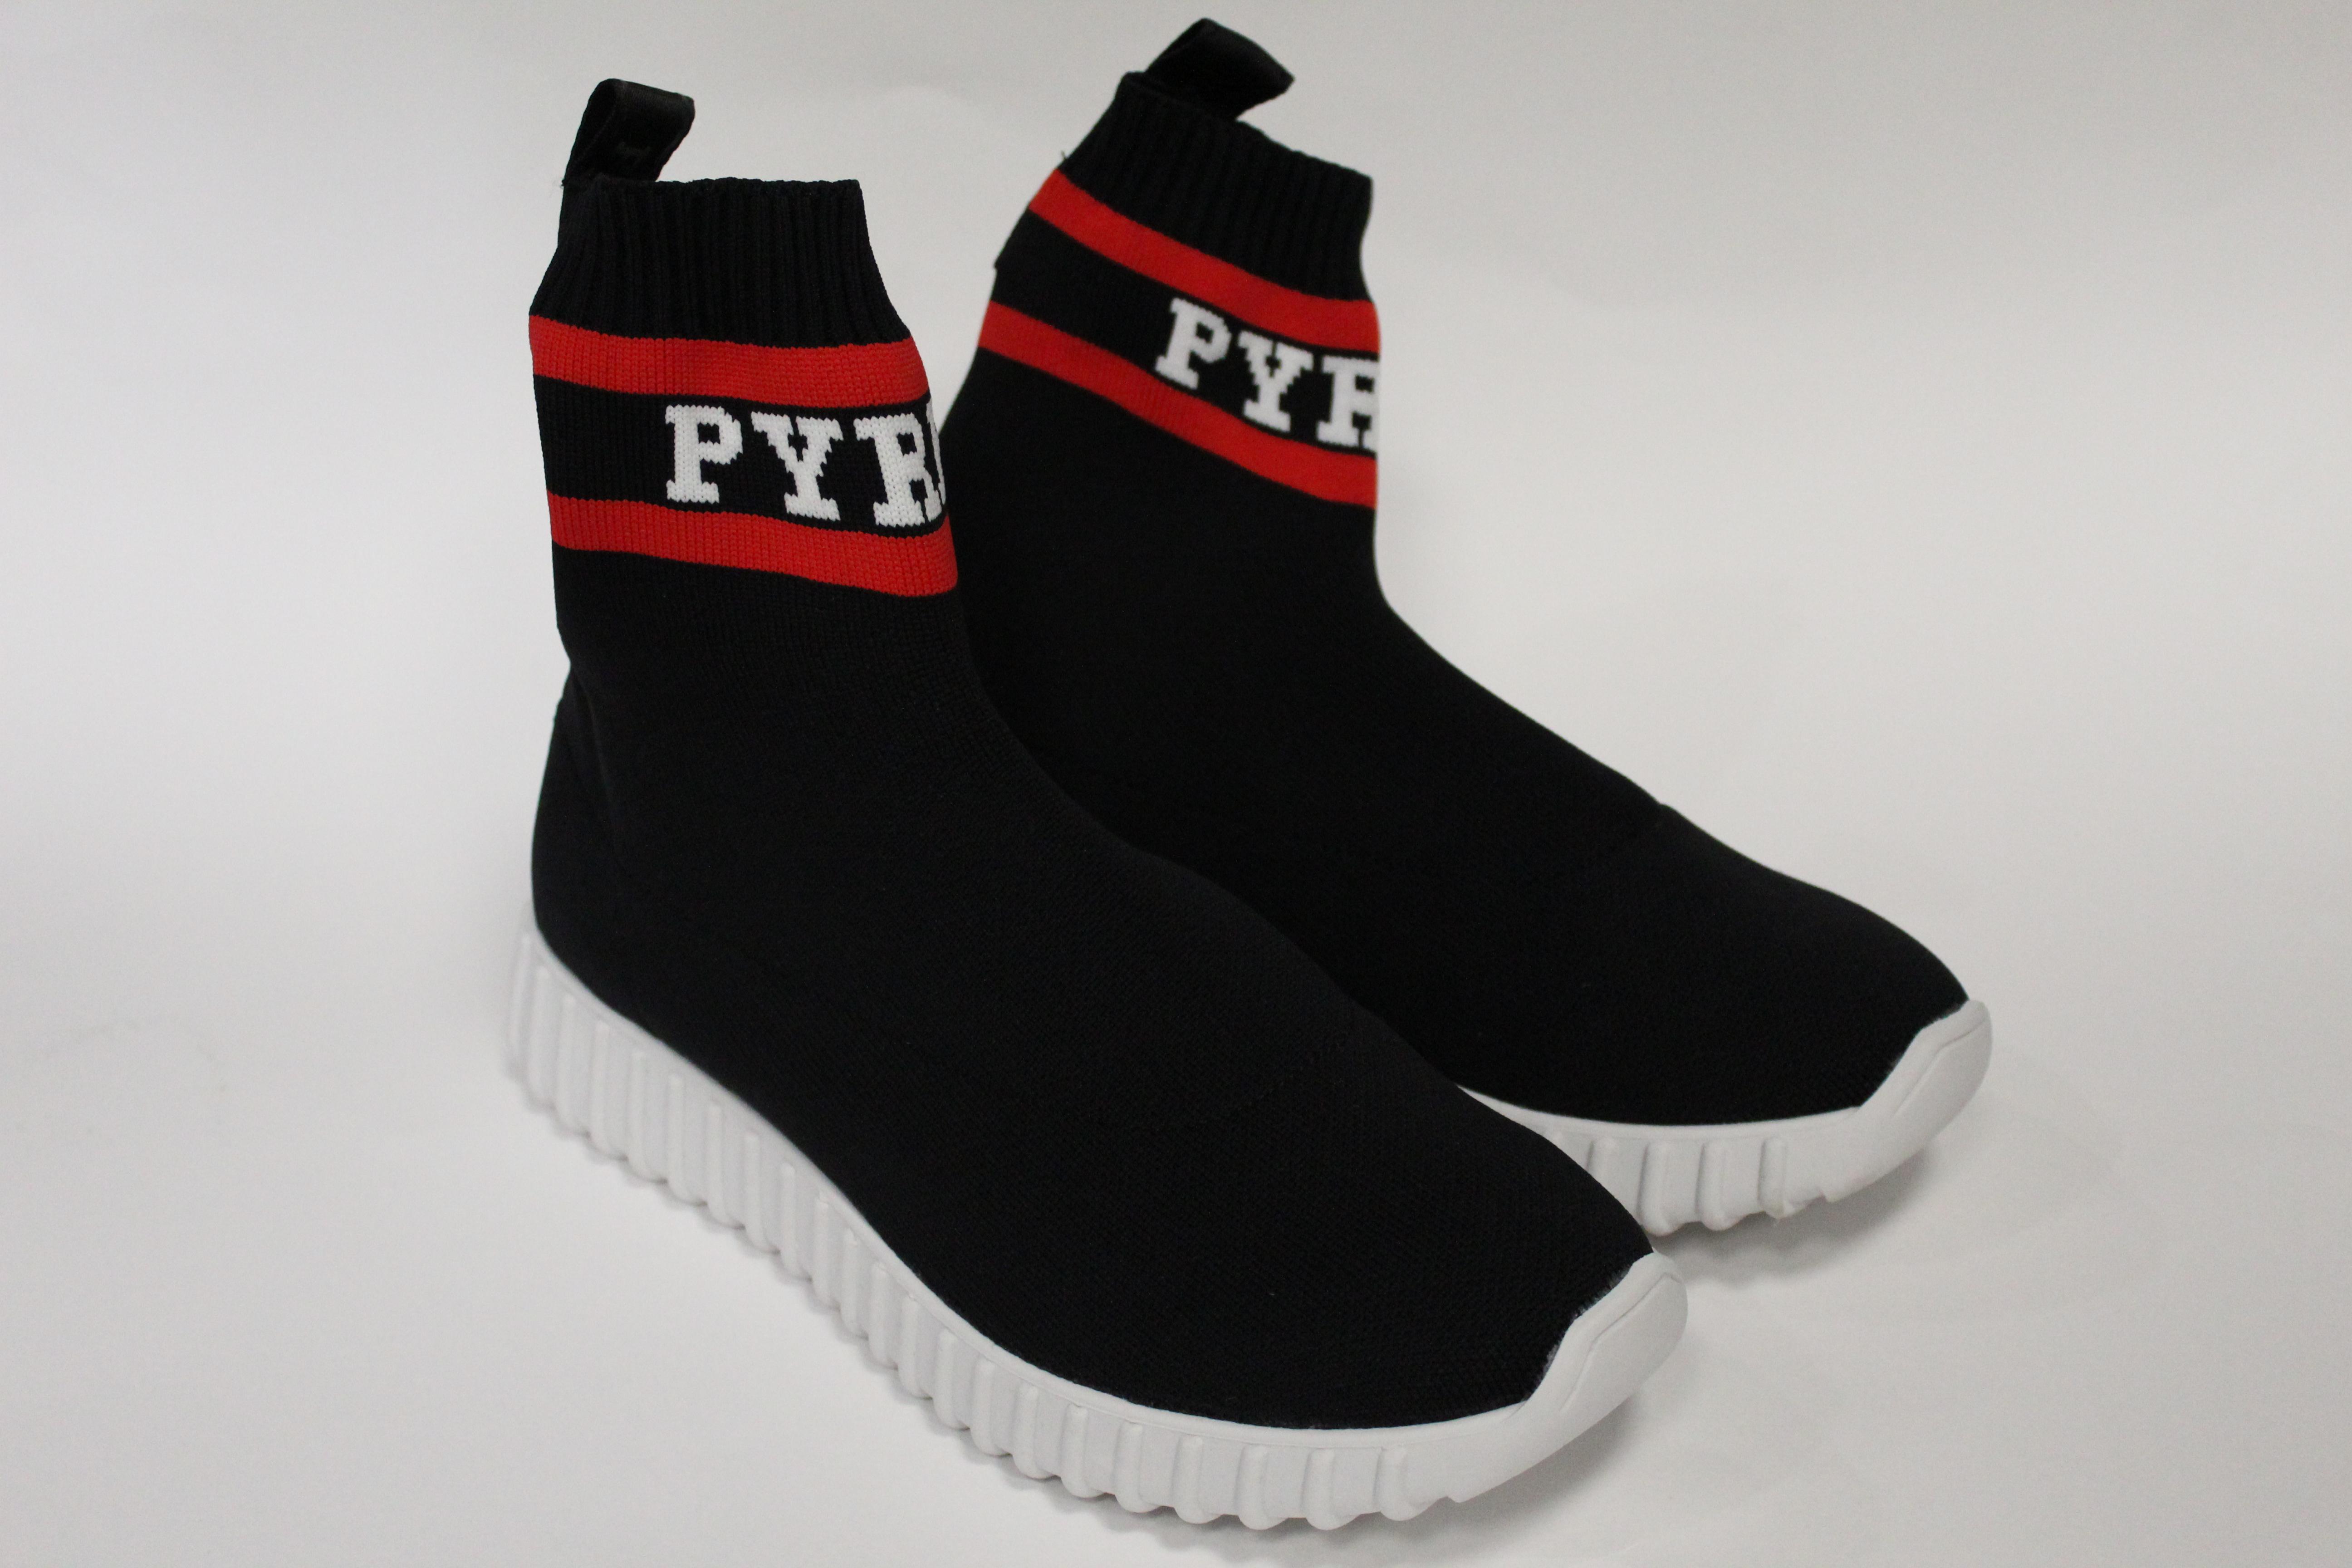 compra meglio sito web professionale professionista di vendita caldo Scarpe calza Pyrex • Minù — La Boutique